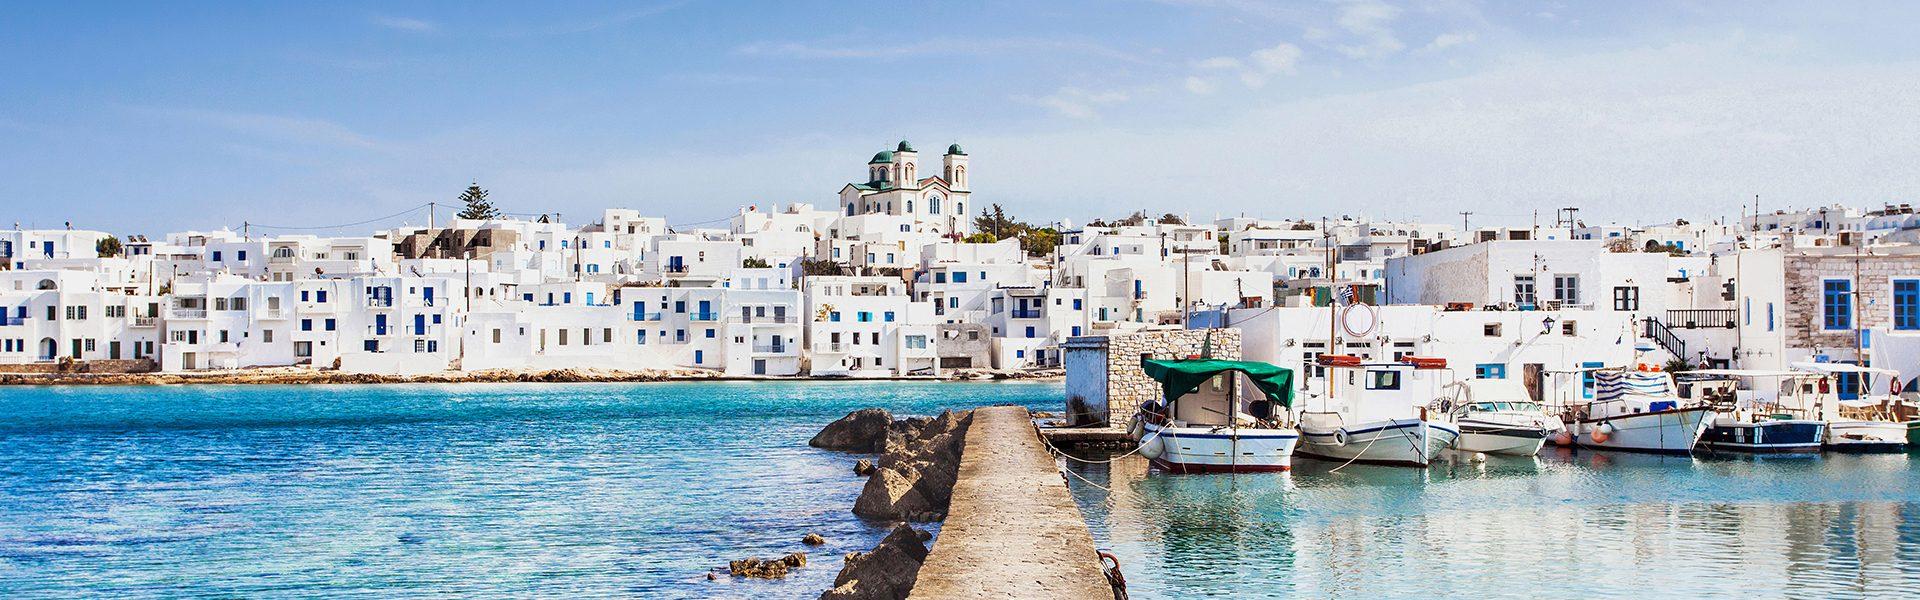 Καλοκαίρι στην Πάρο   Διακοπές με την Prima Holidays στην Ελλάδα